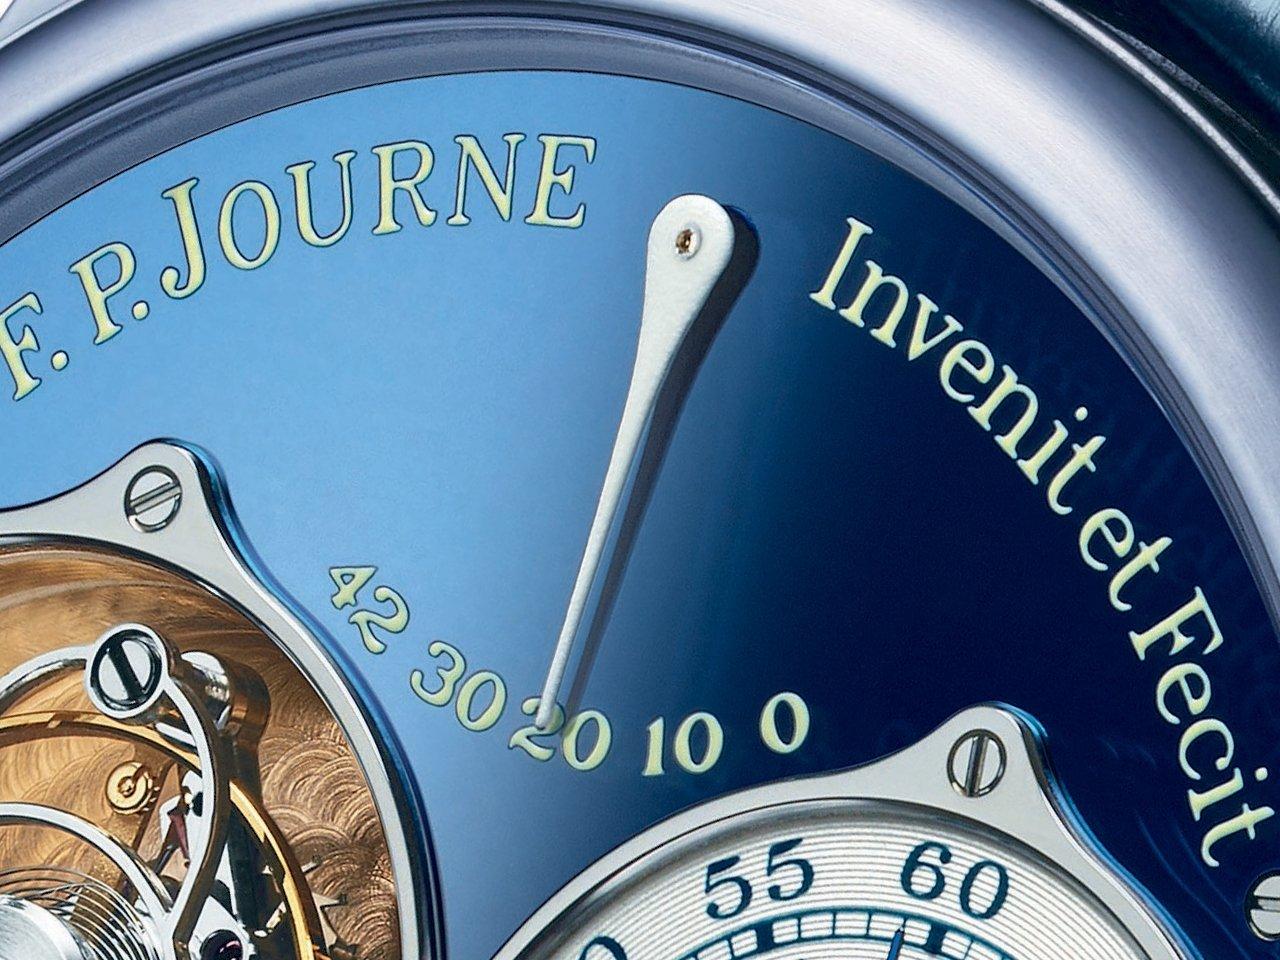 f-p-journe-tourbillon-souverain-bleu-only-watch-2015-0-100-10